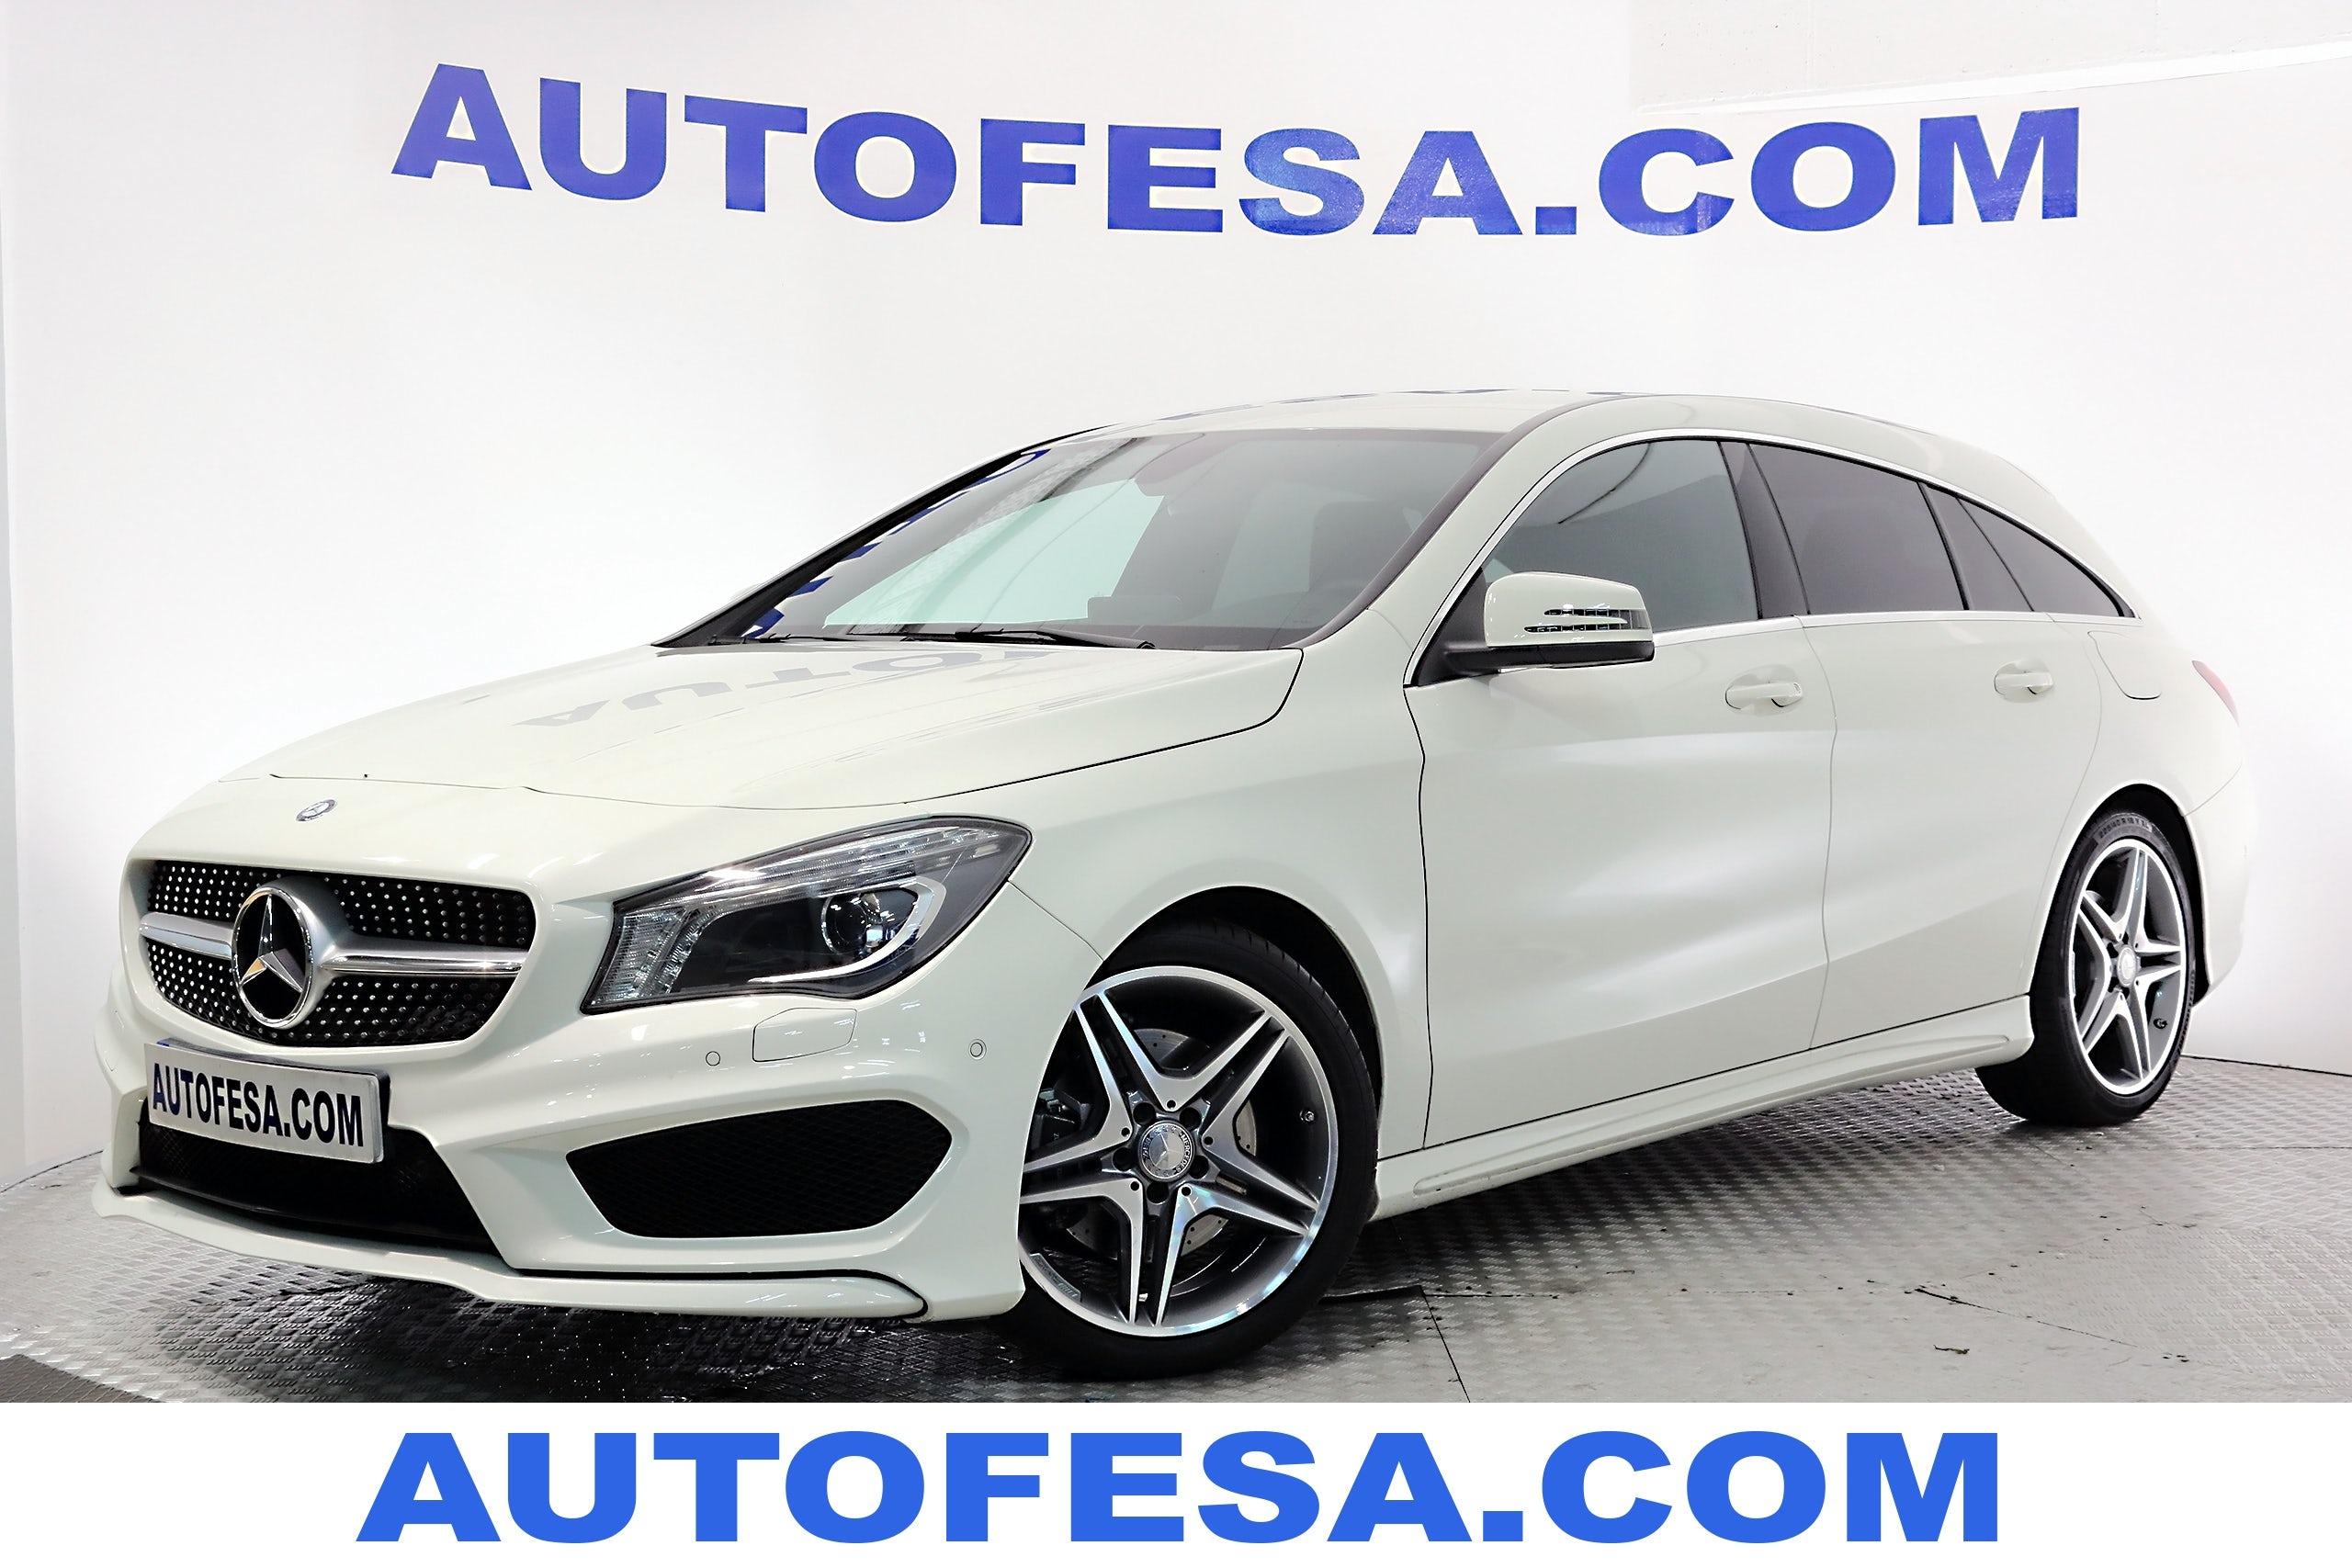 Fotos del Mercedes-benz Cla 220 CLA 220 CDI 177cv 4p AMG Auto S/S Exterior 1